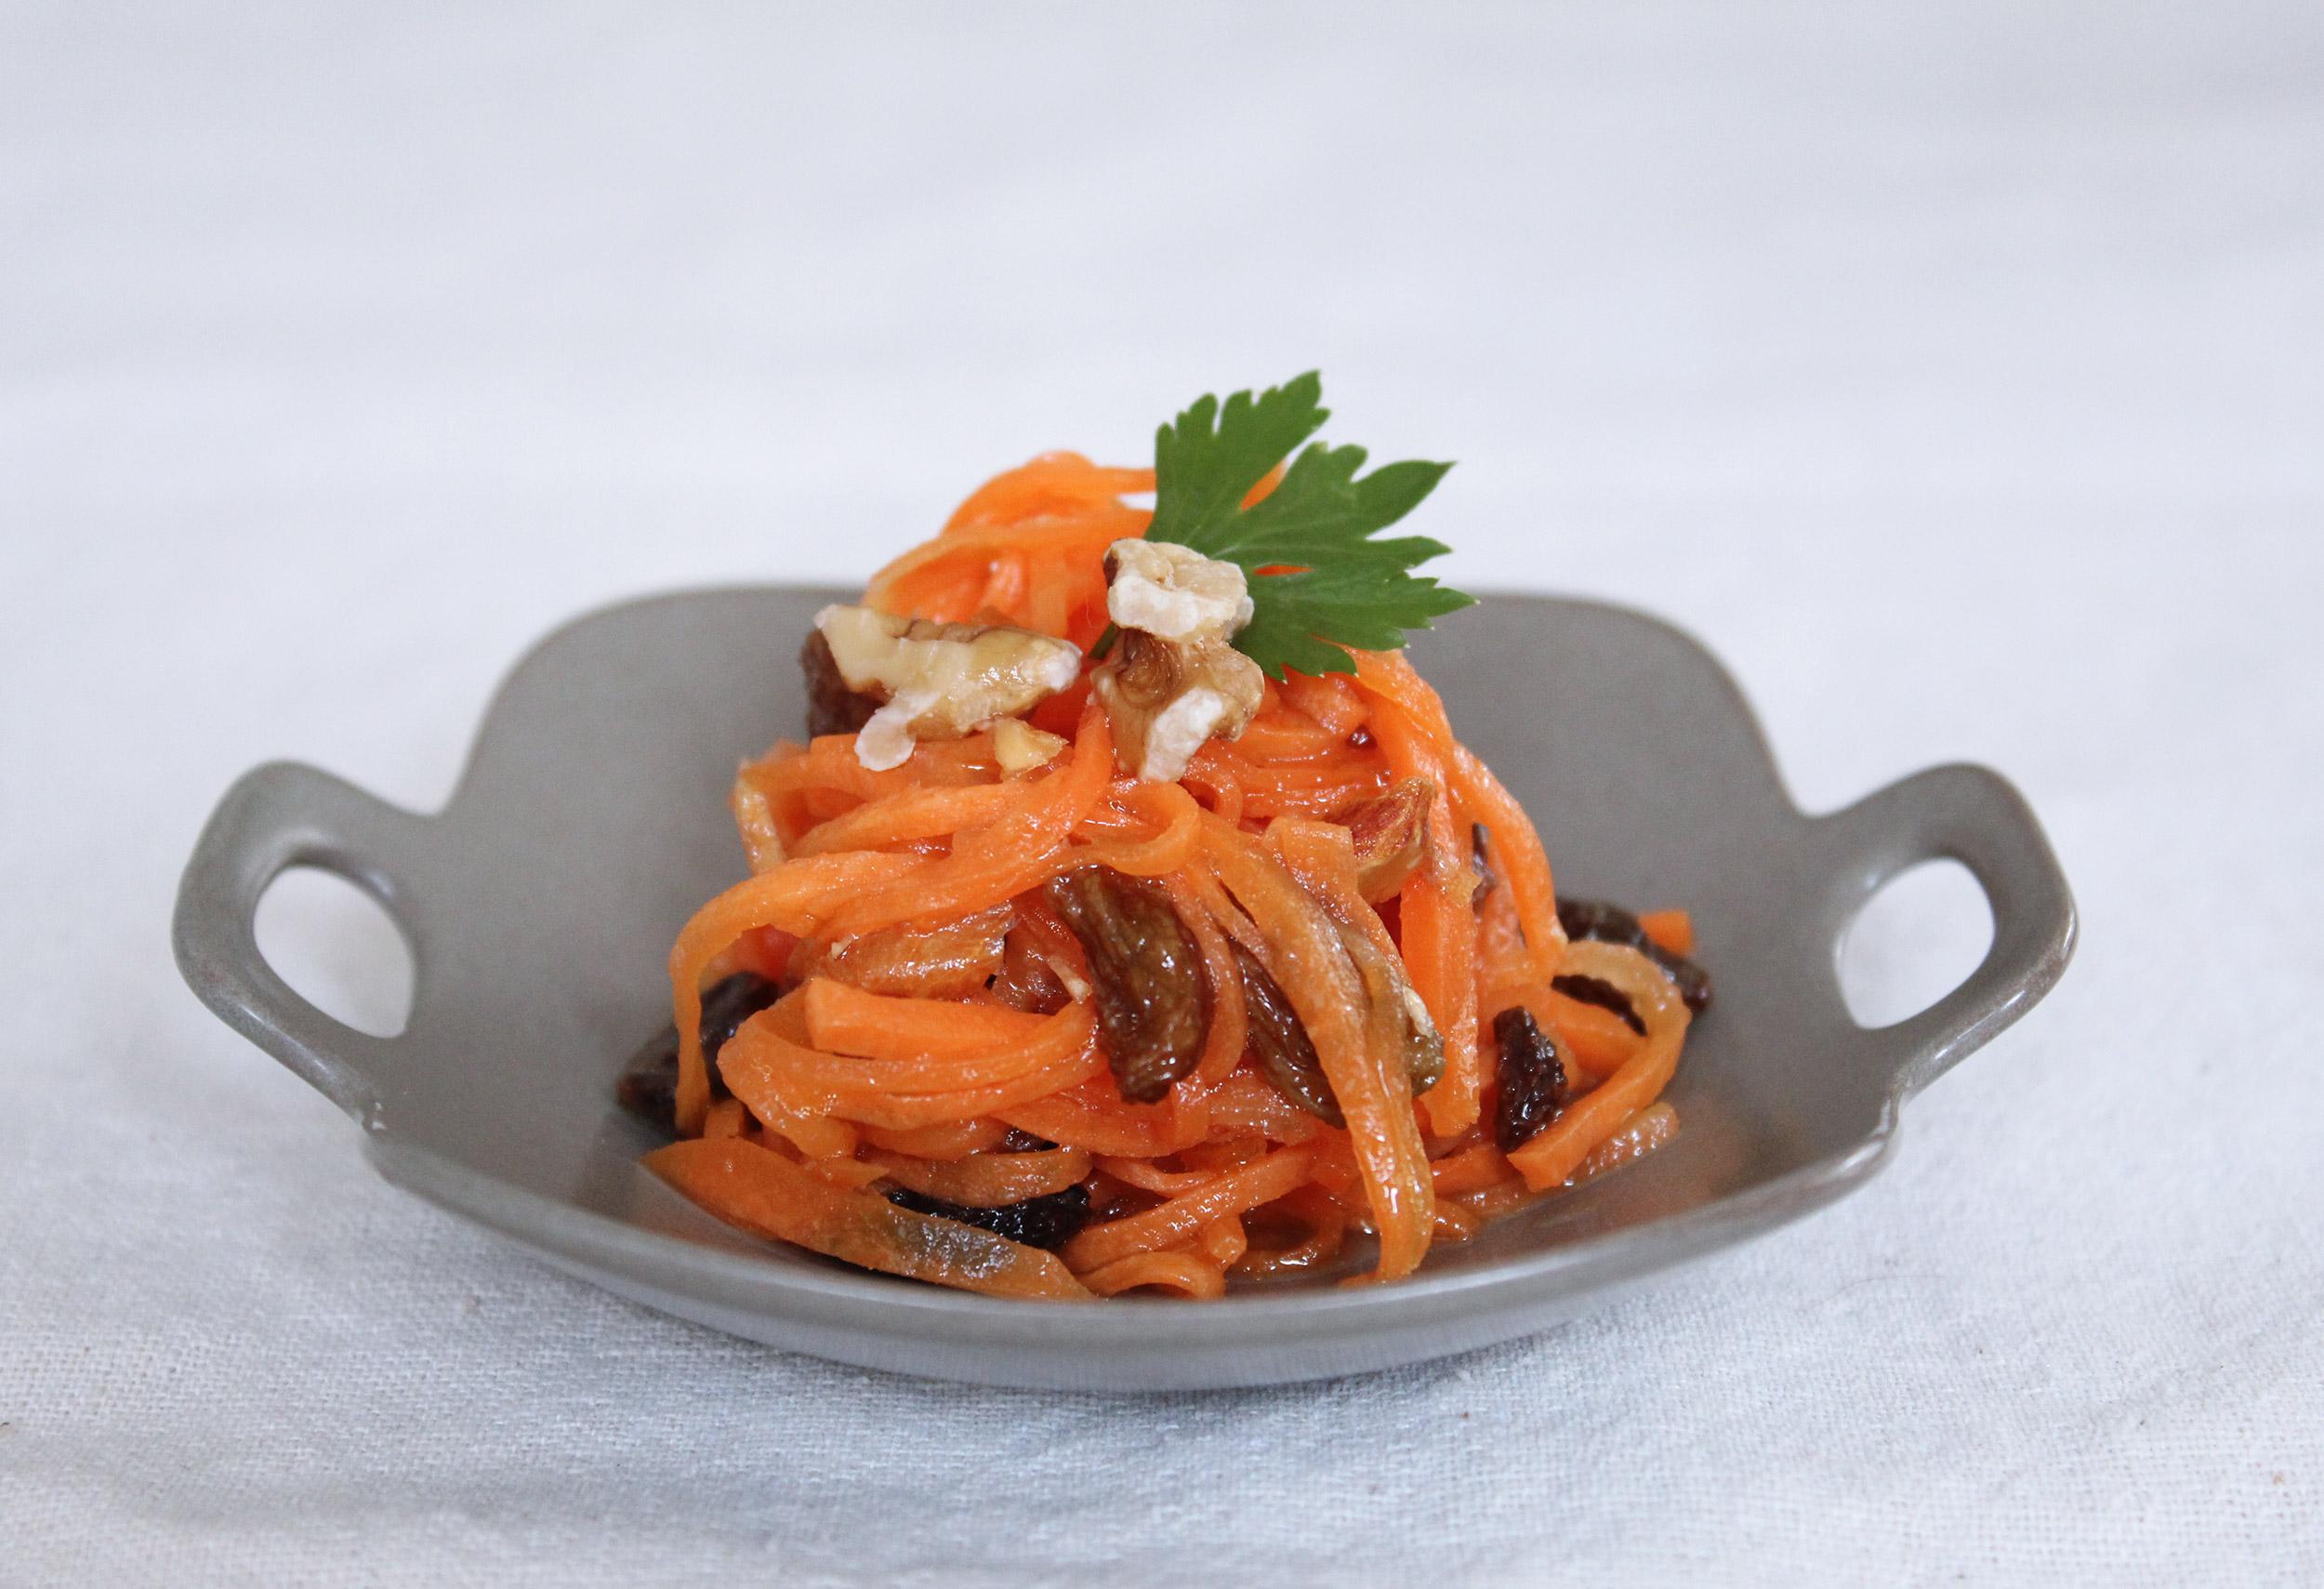 お弁当おかず「キャロットラペ」-こどもが大好きな人参・レーズン・マーマレード・クルミでオシャレなにんじんサラダ